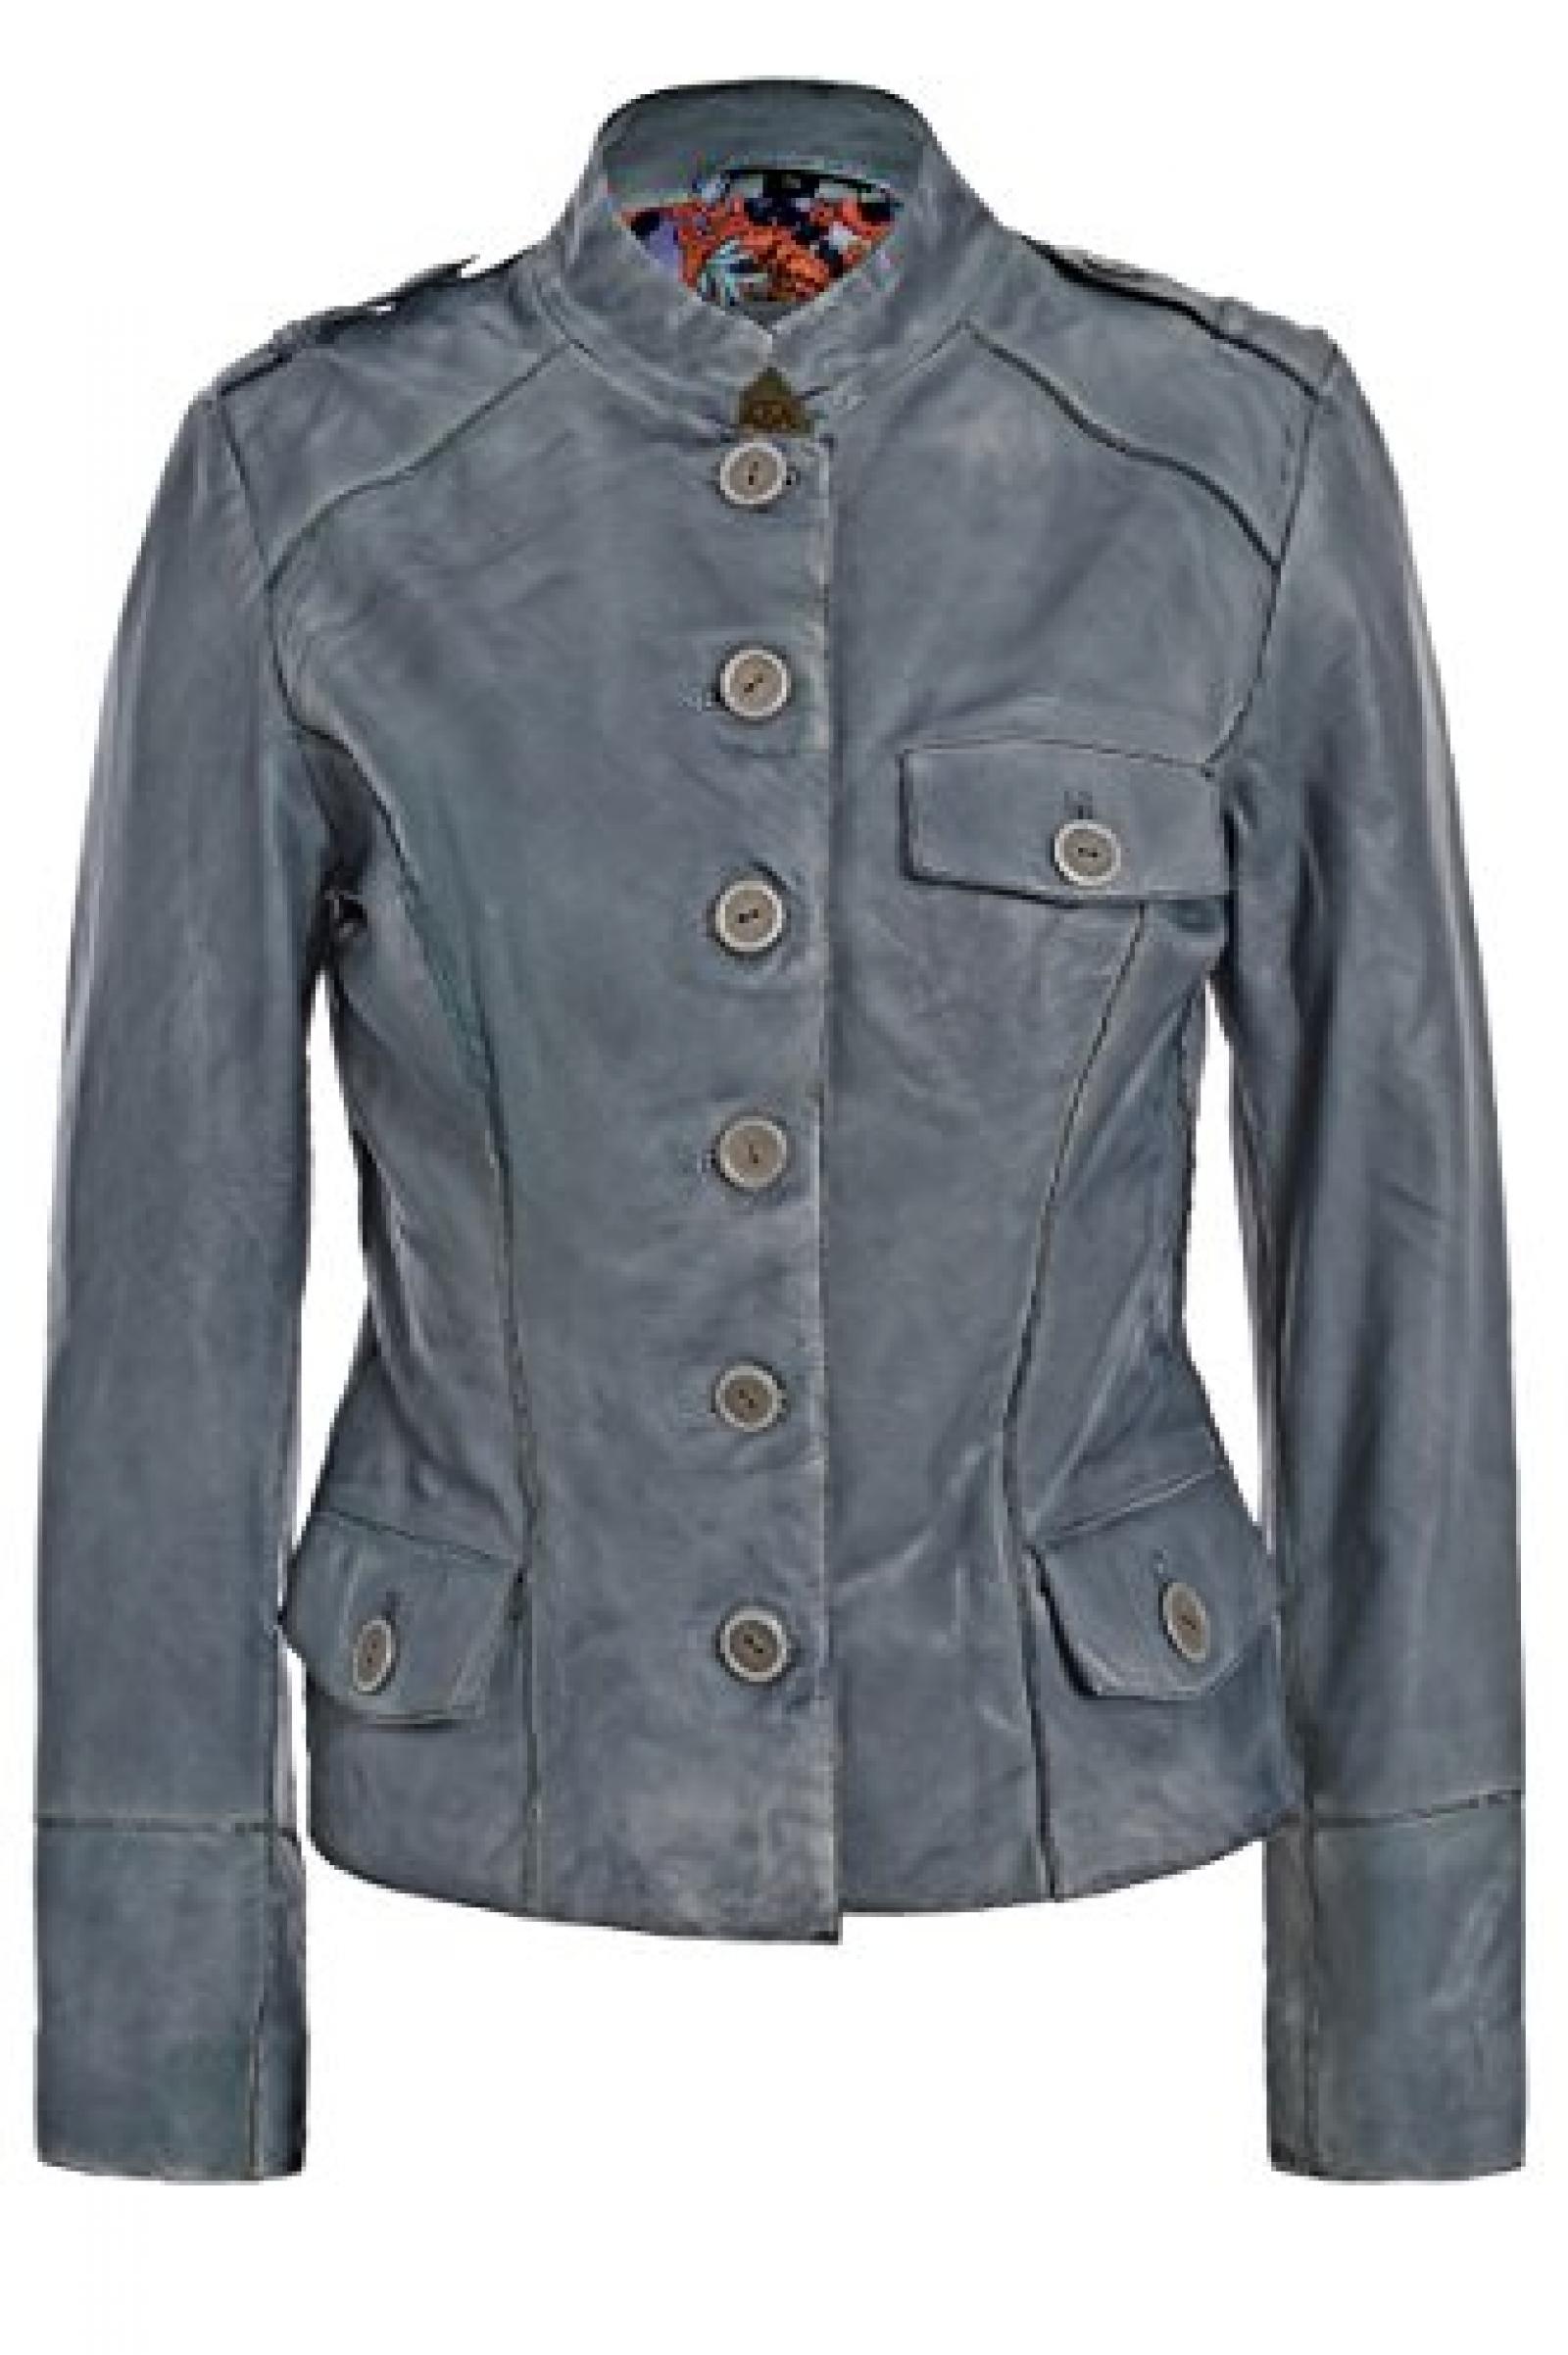 Paisley Park Lederjacke 9905 in Farbe 200 jeansblau